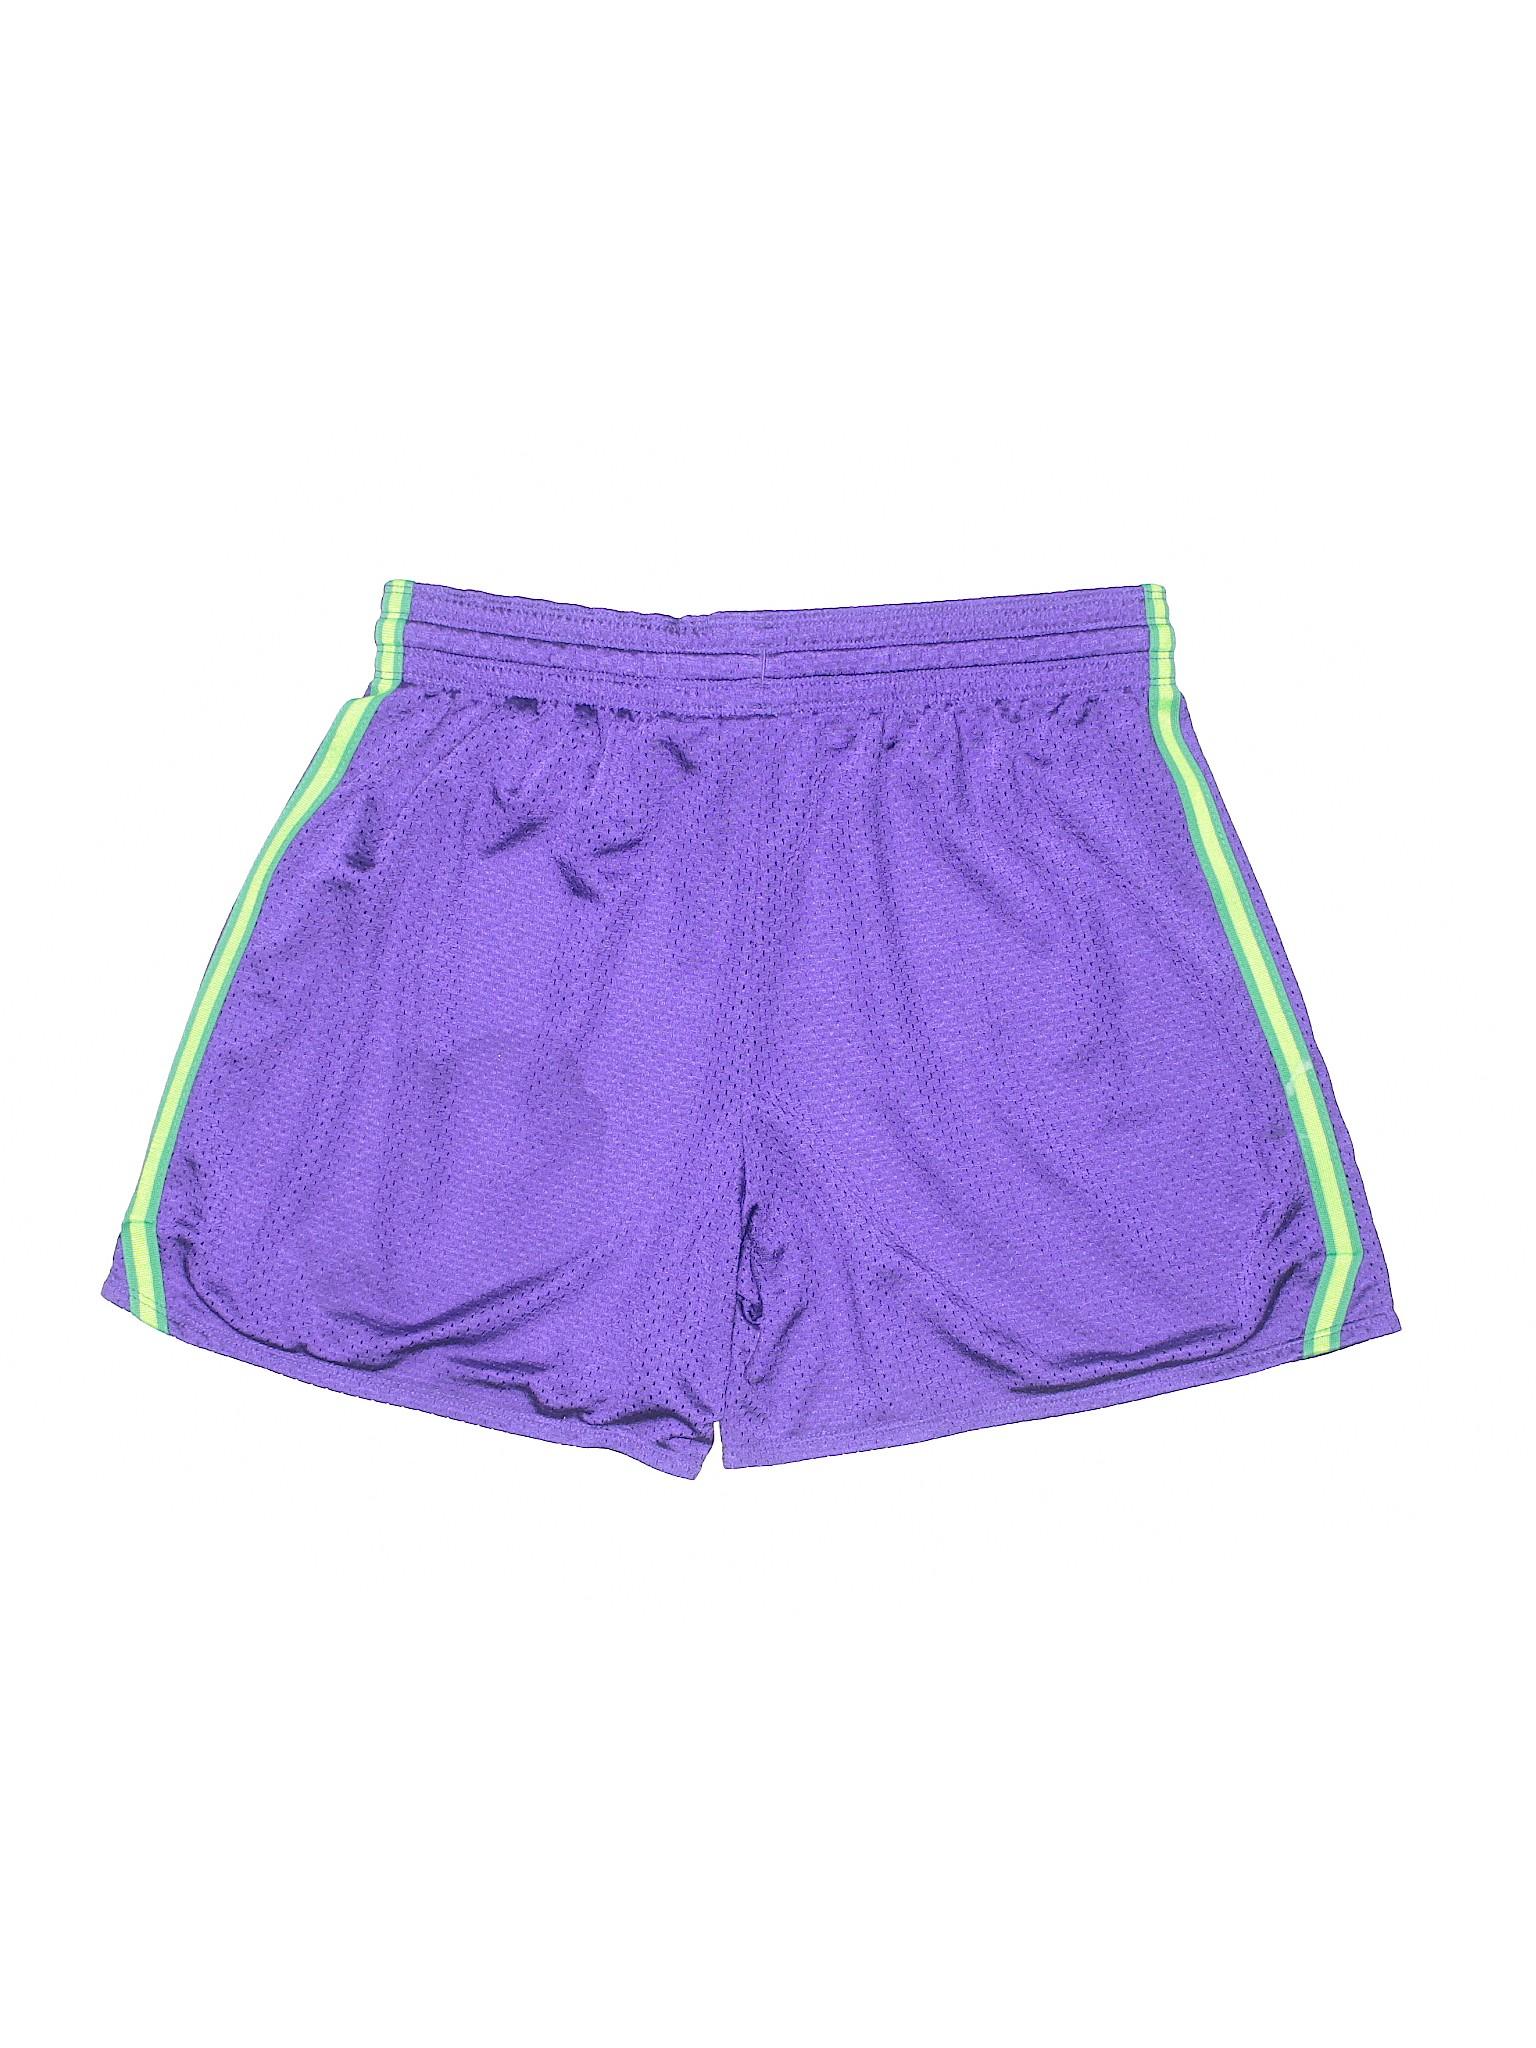 Boutique Nike Athletic Athletic Shorts Boutique Shorts Nike Boutique Boutique Shorts Athletic Nike fEOnxdnApw